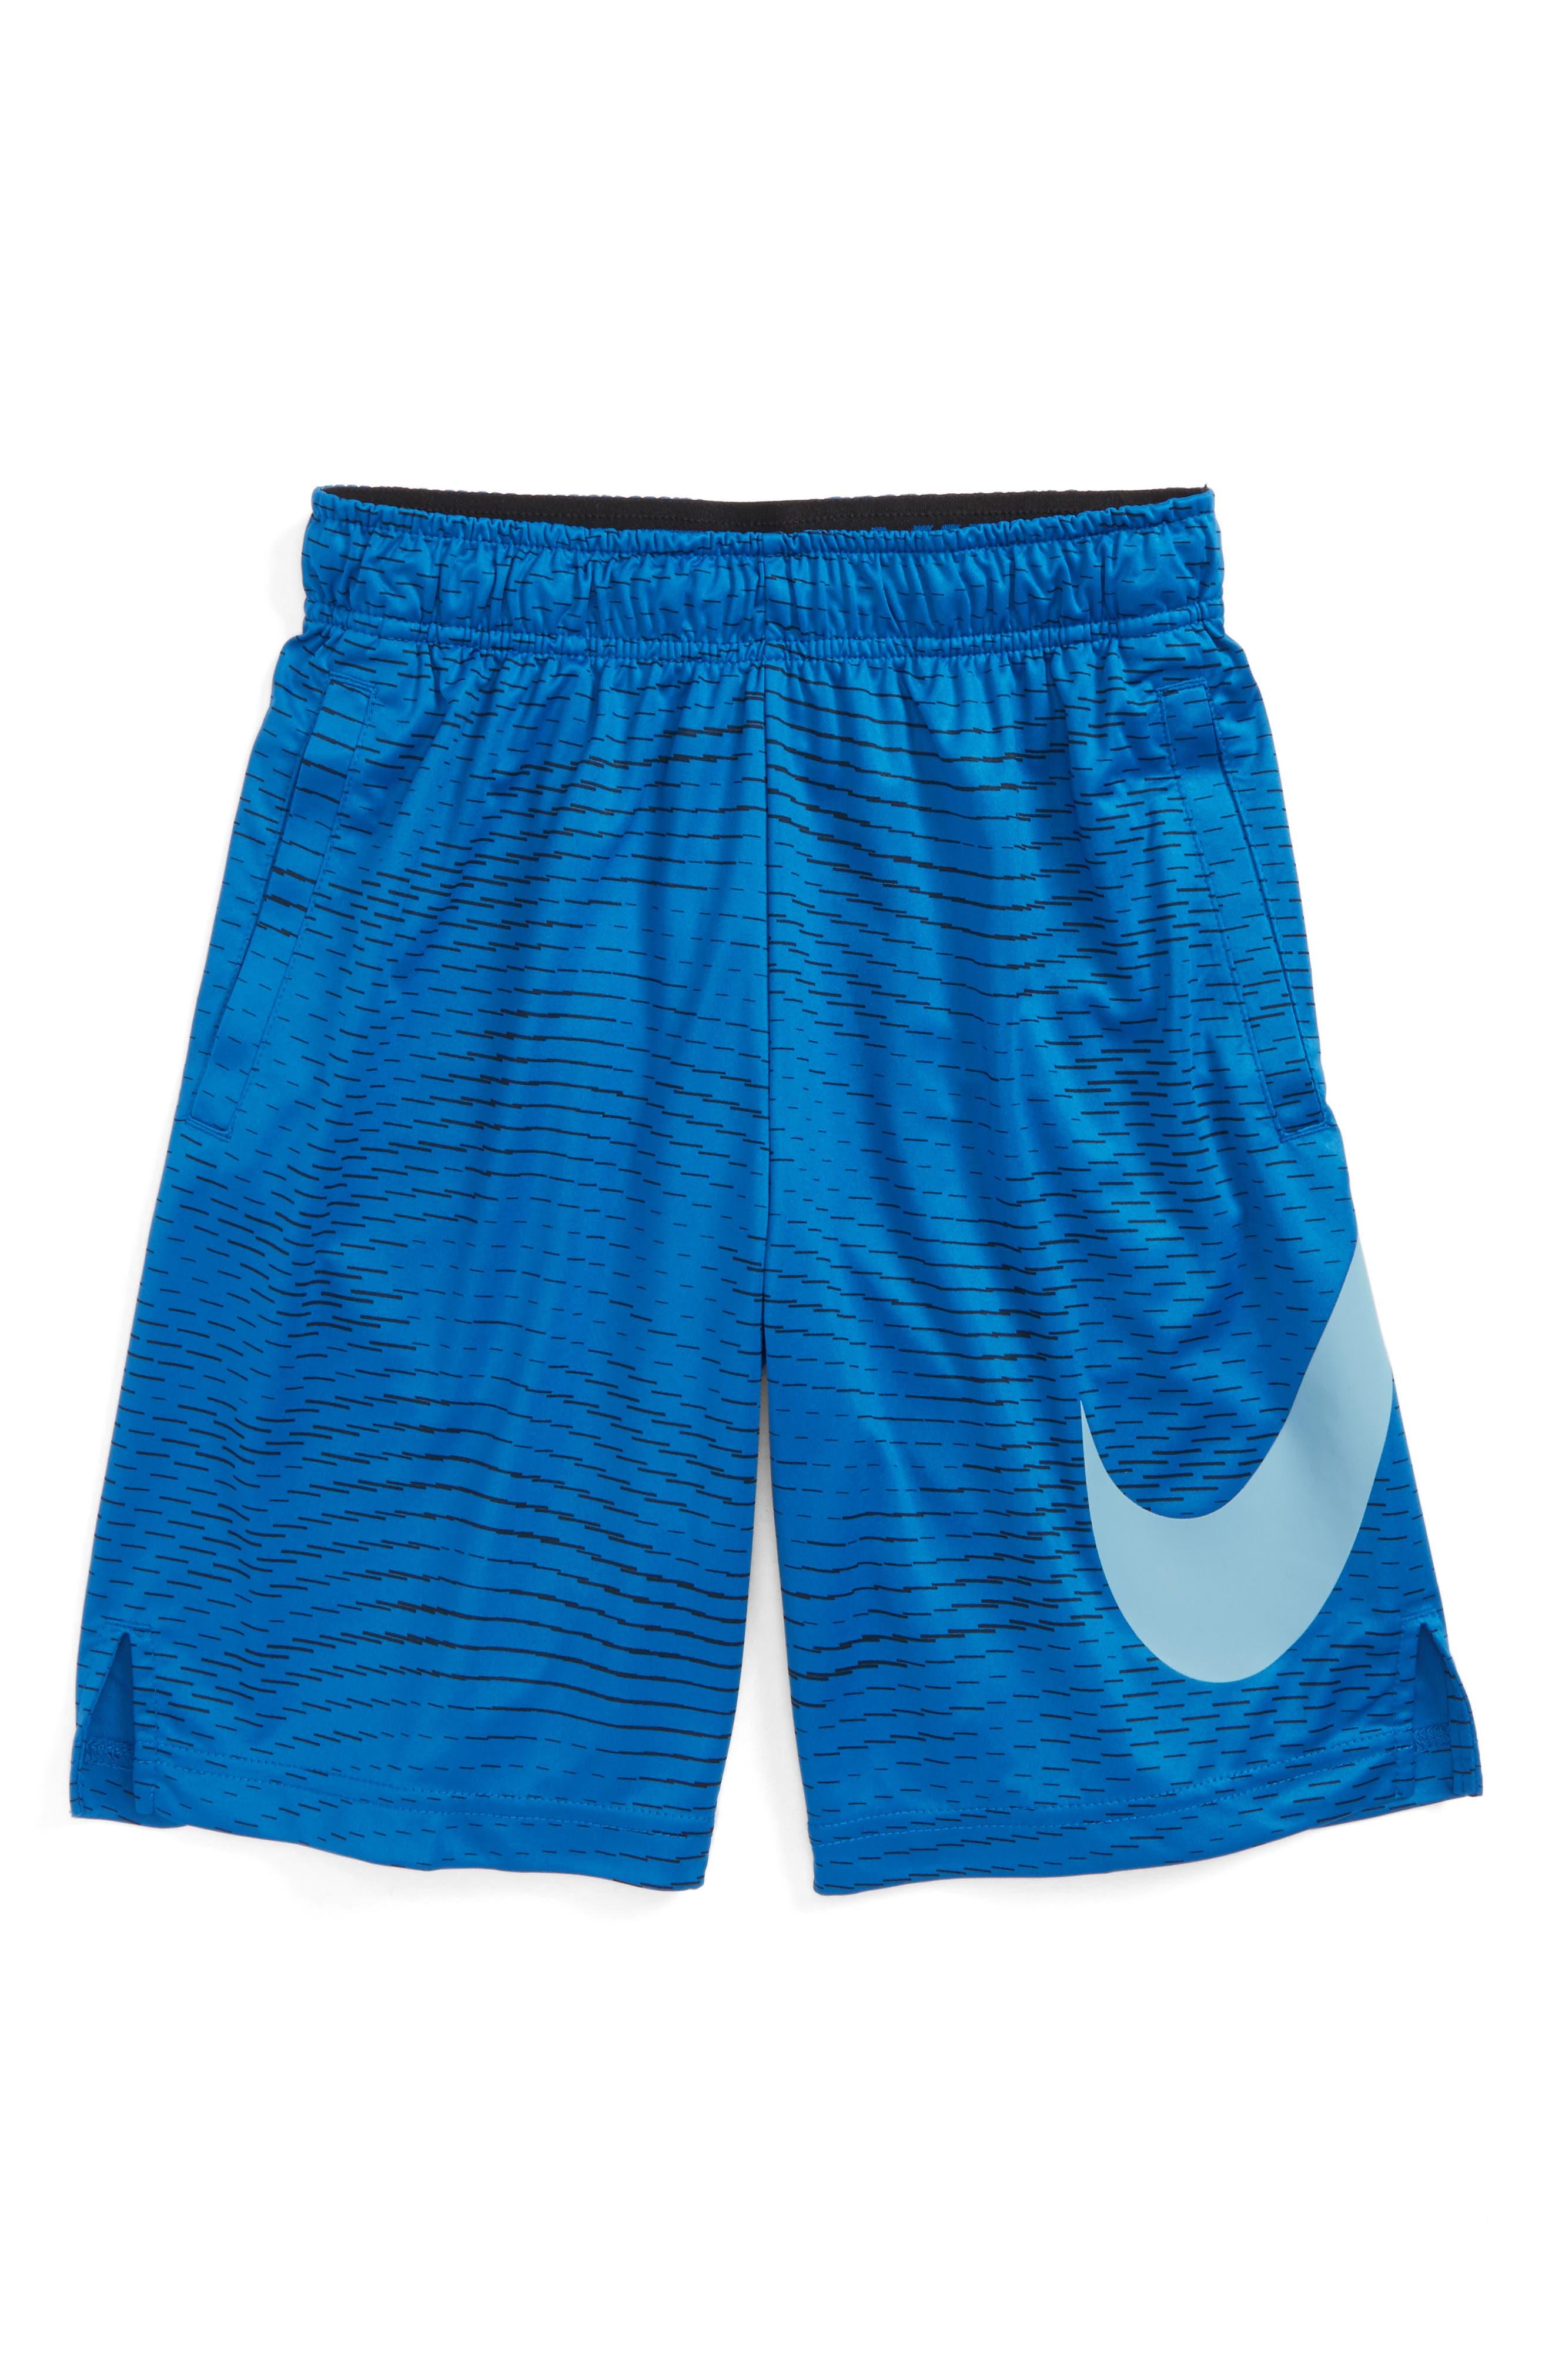 AOP Dry Shorts,                             Main thumbnail 3, color,